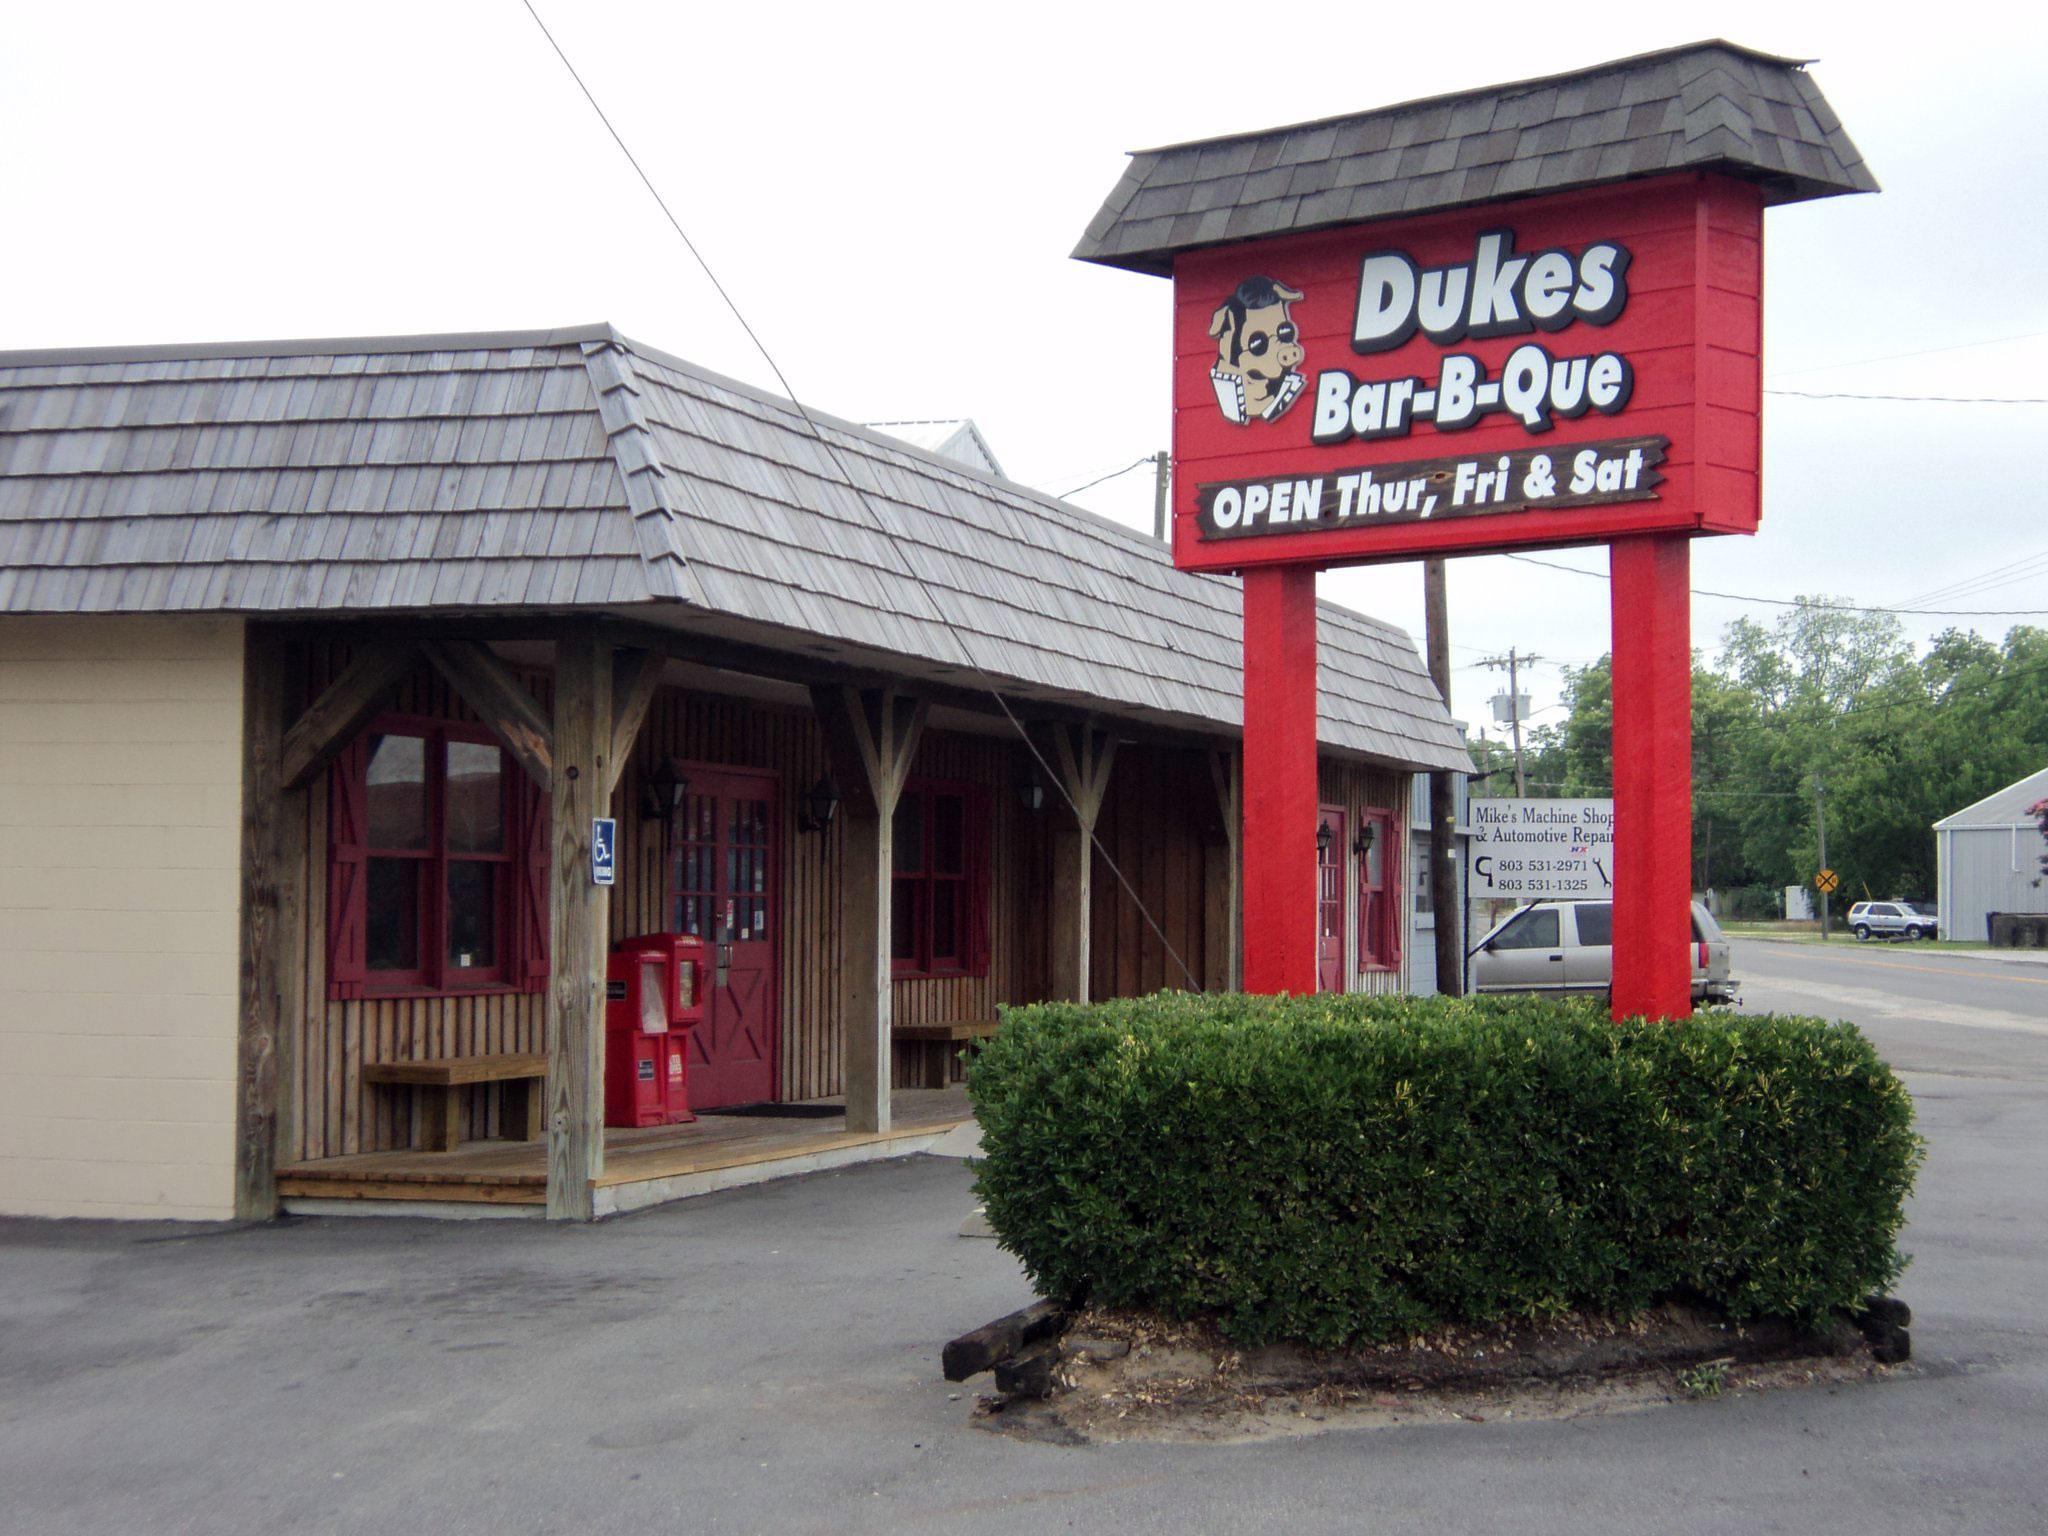 Dukes Bar-B-Que on Whitman in Orangeburg